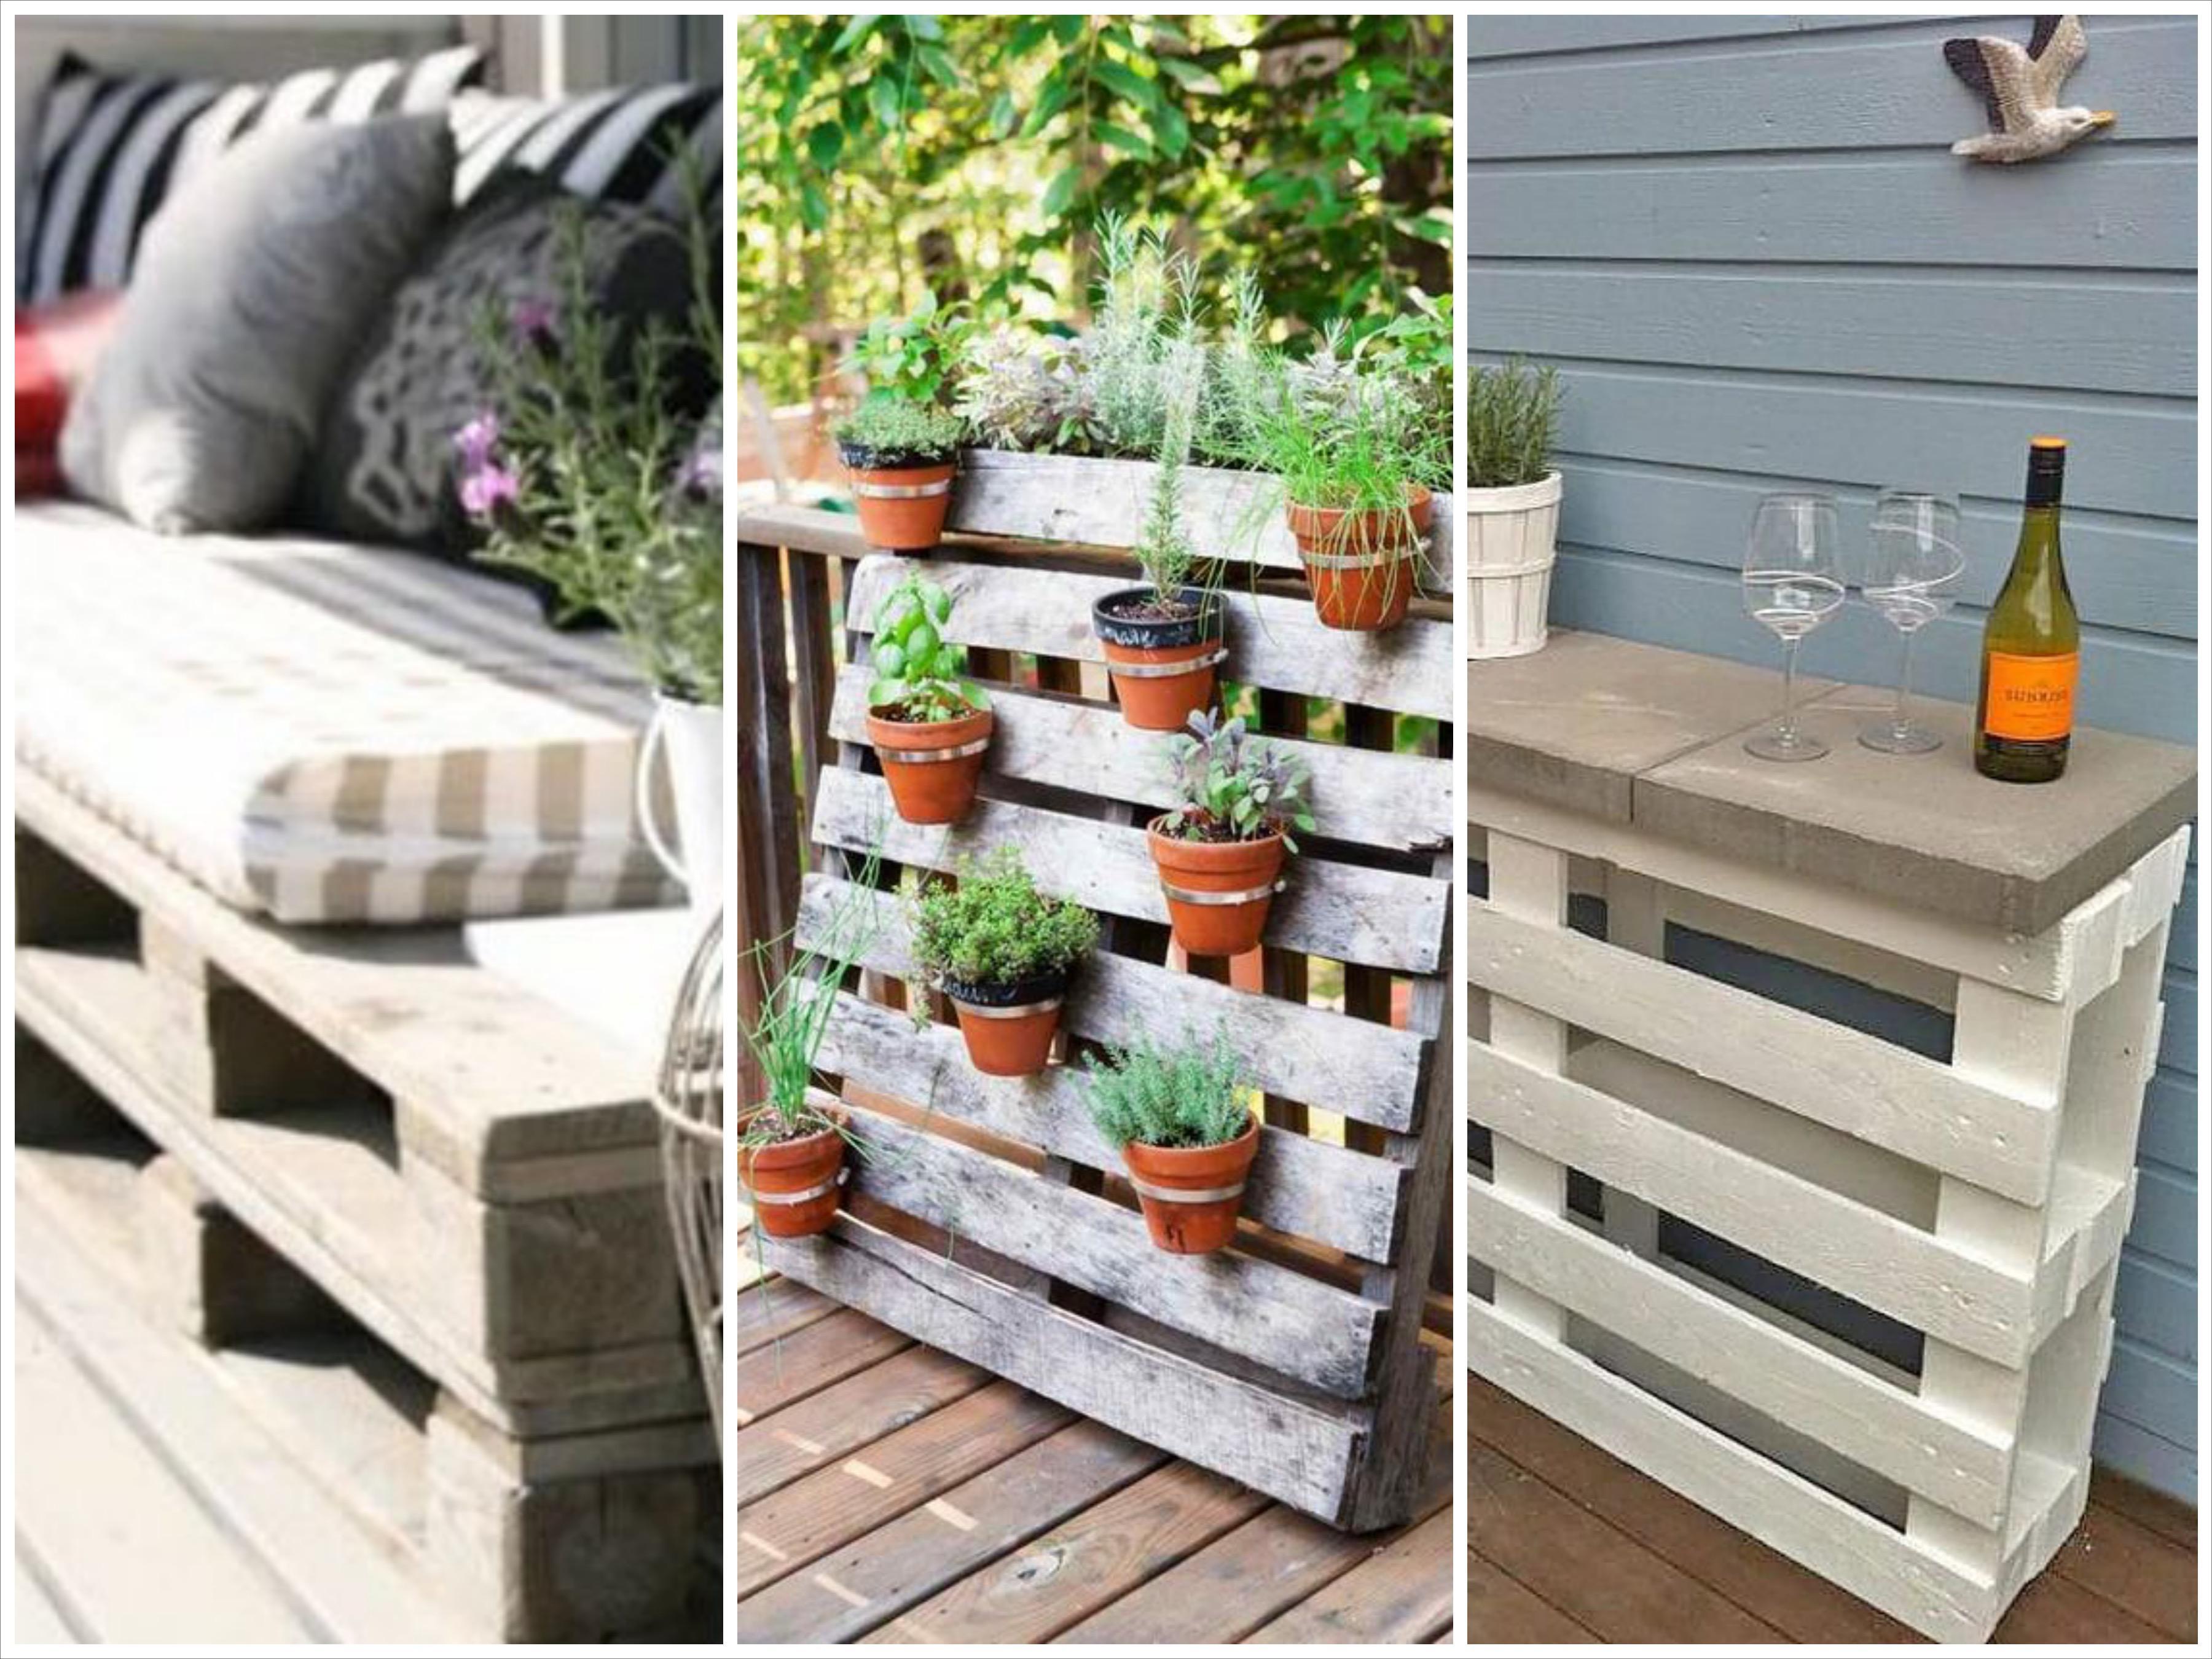 Mur Végétal Extérieur Palette diy: un jardin ou une terrasse 100% recyclé(e)! - gael.be